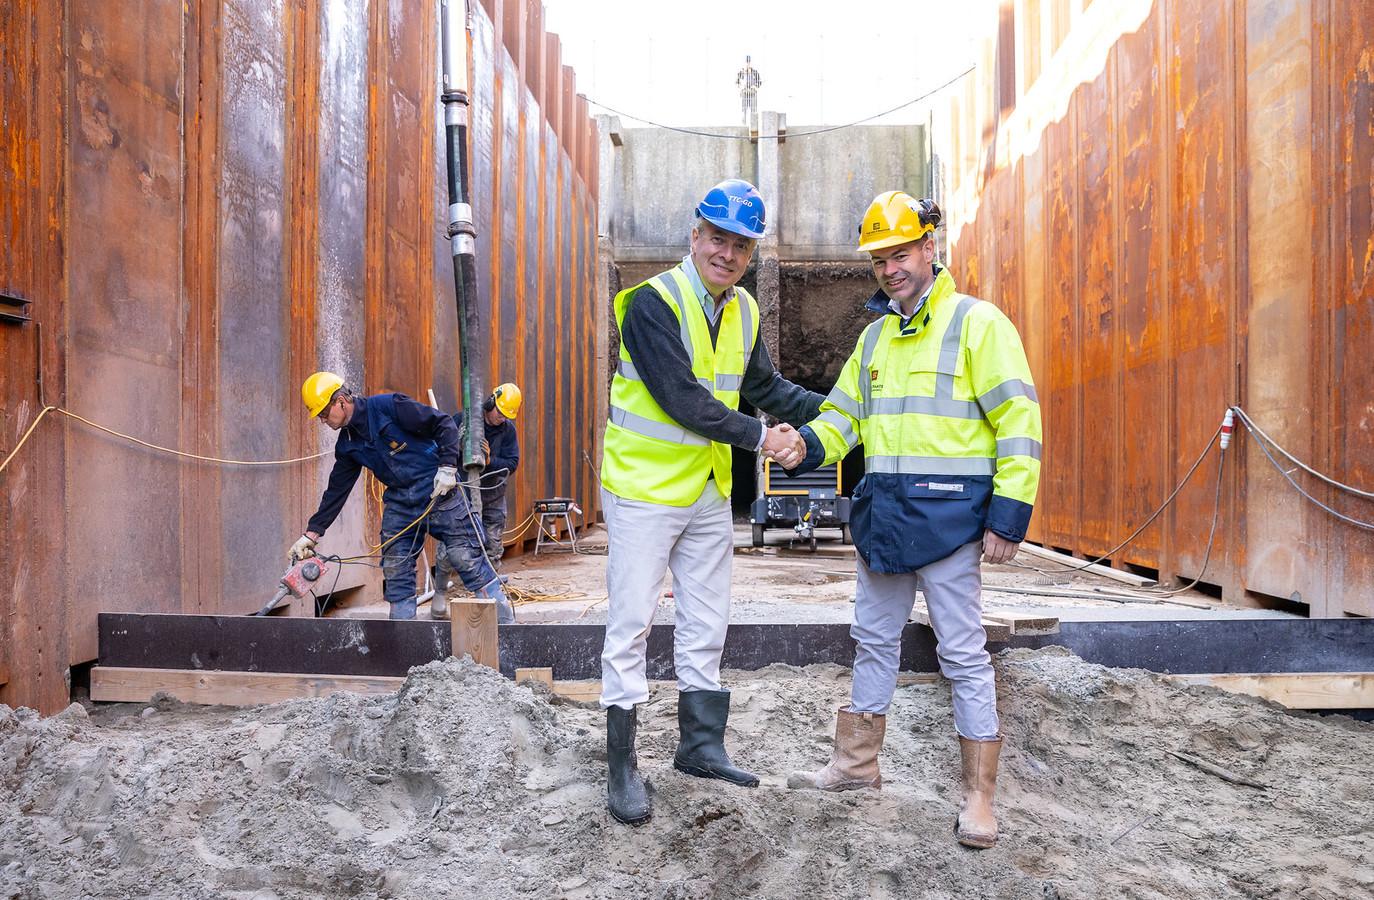 Pieter Bloemendaal van BT Projects (l) en Leonard Pekaar van Van der Straaten Aannemingsmaatschappij BV in de bouwput van het testcentrum